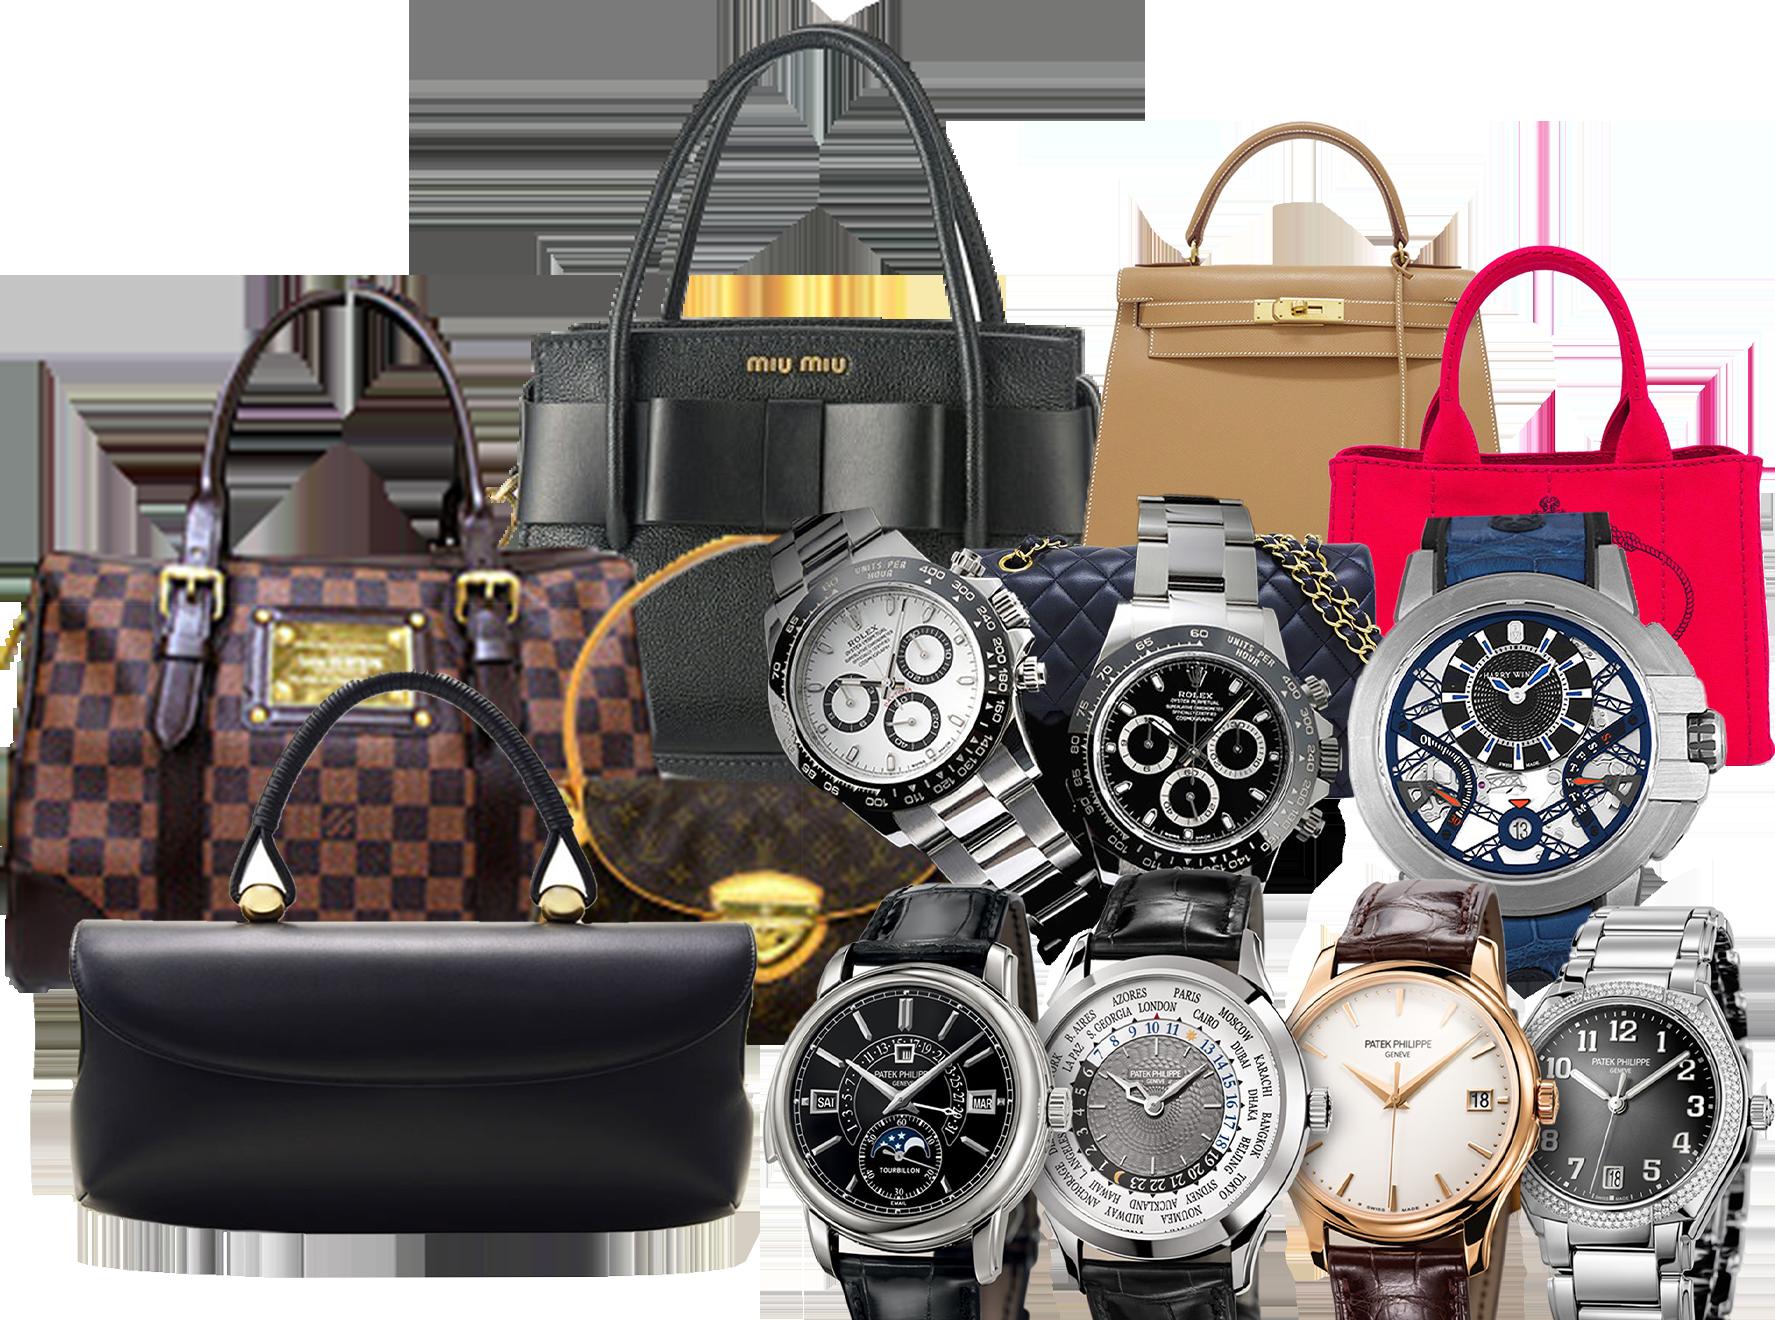 ブランド品・時計高価買取り